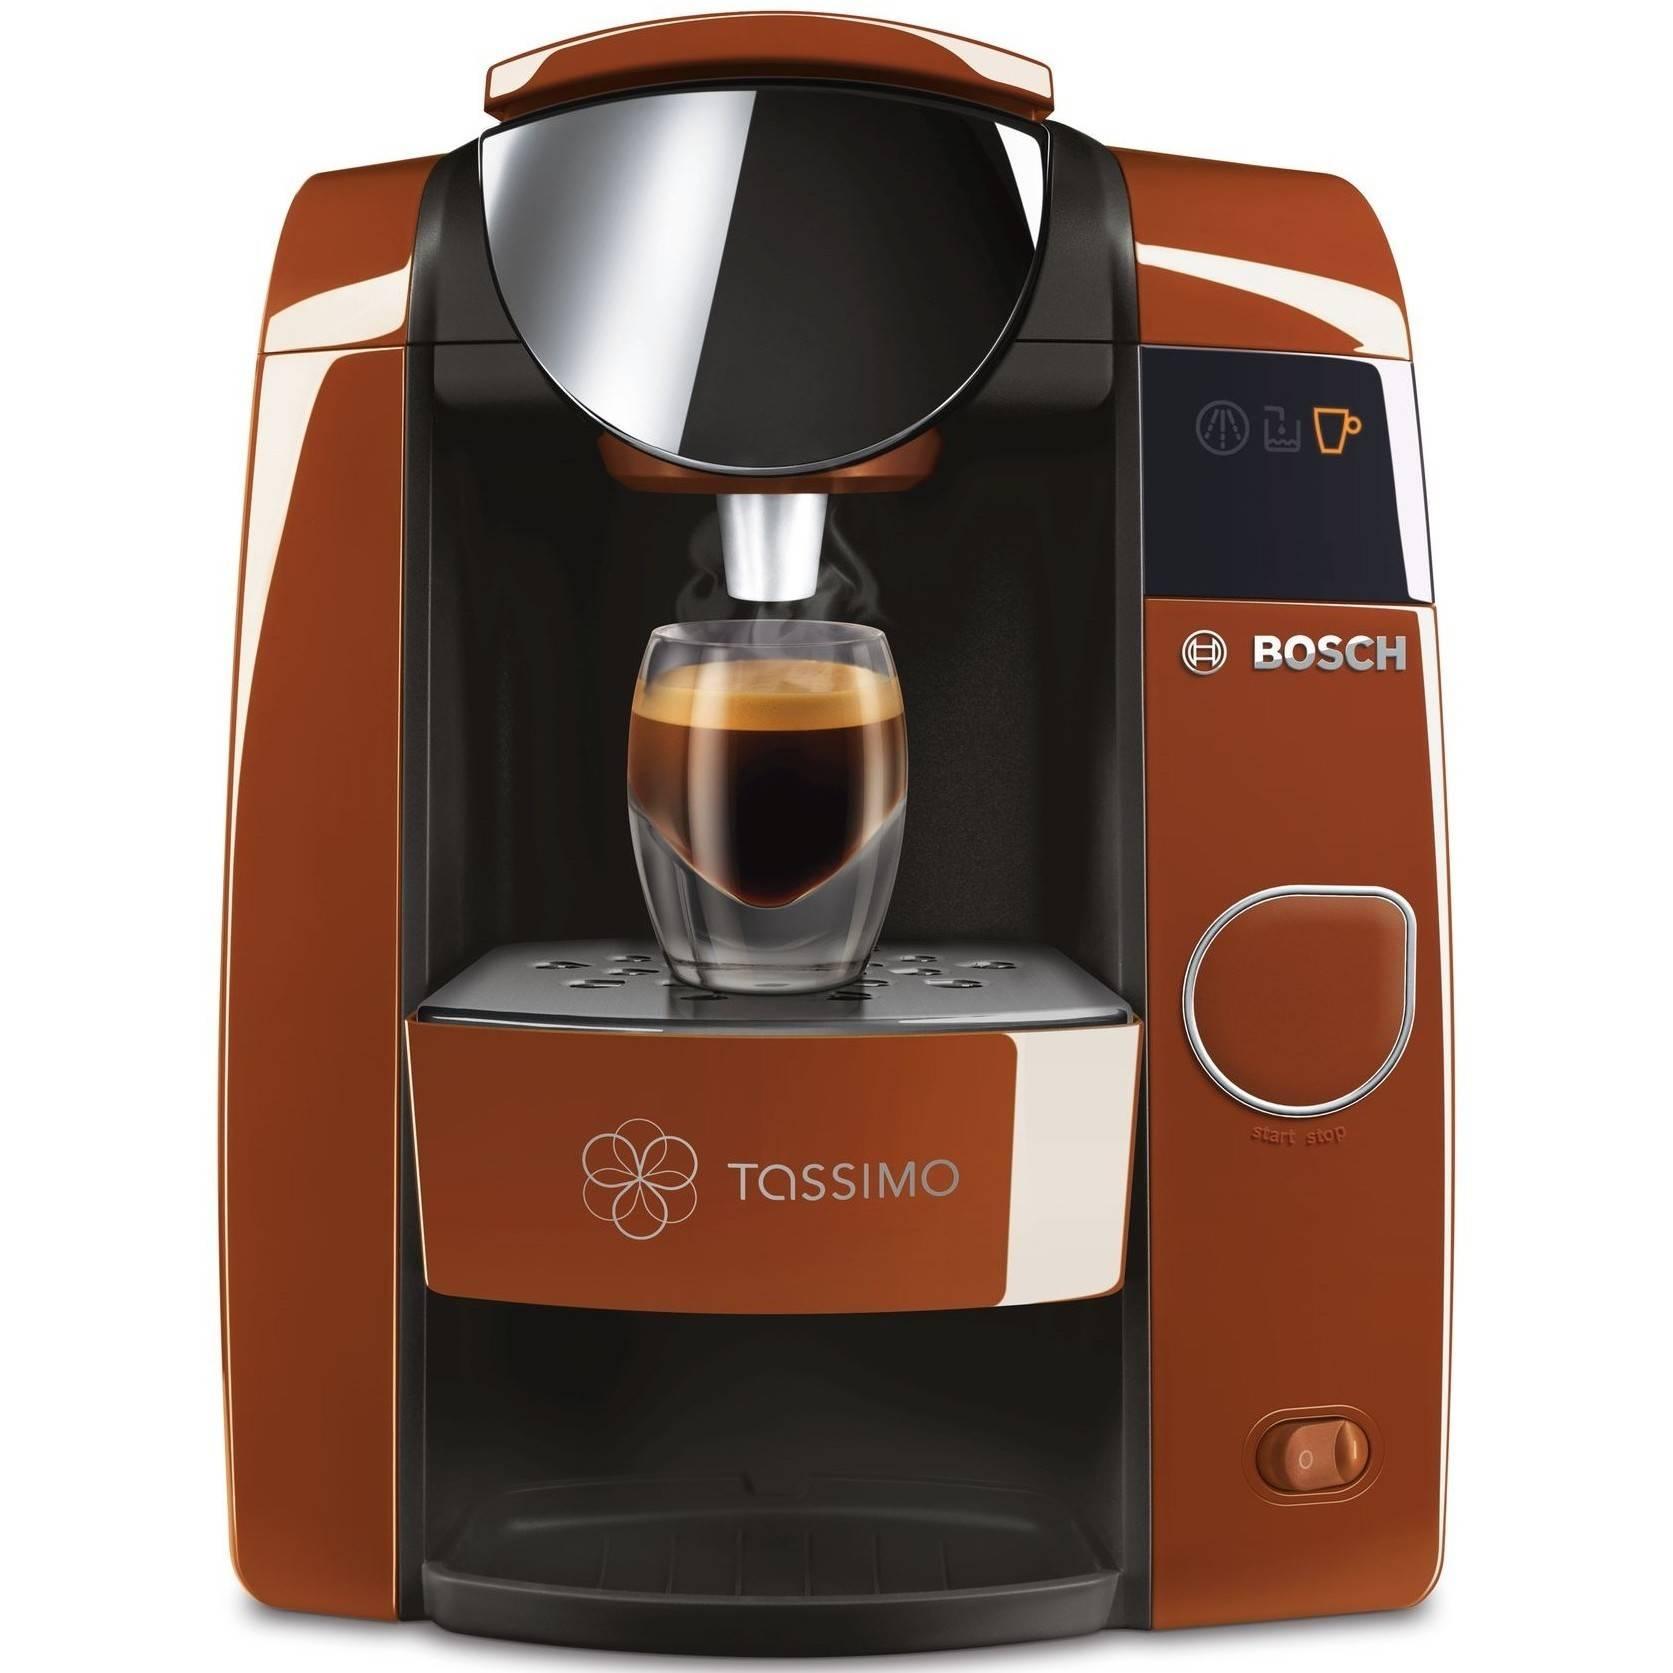 Капсульная кофемашина бош тассимо инструкция